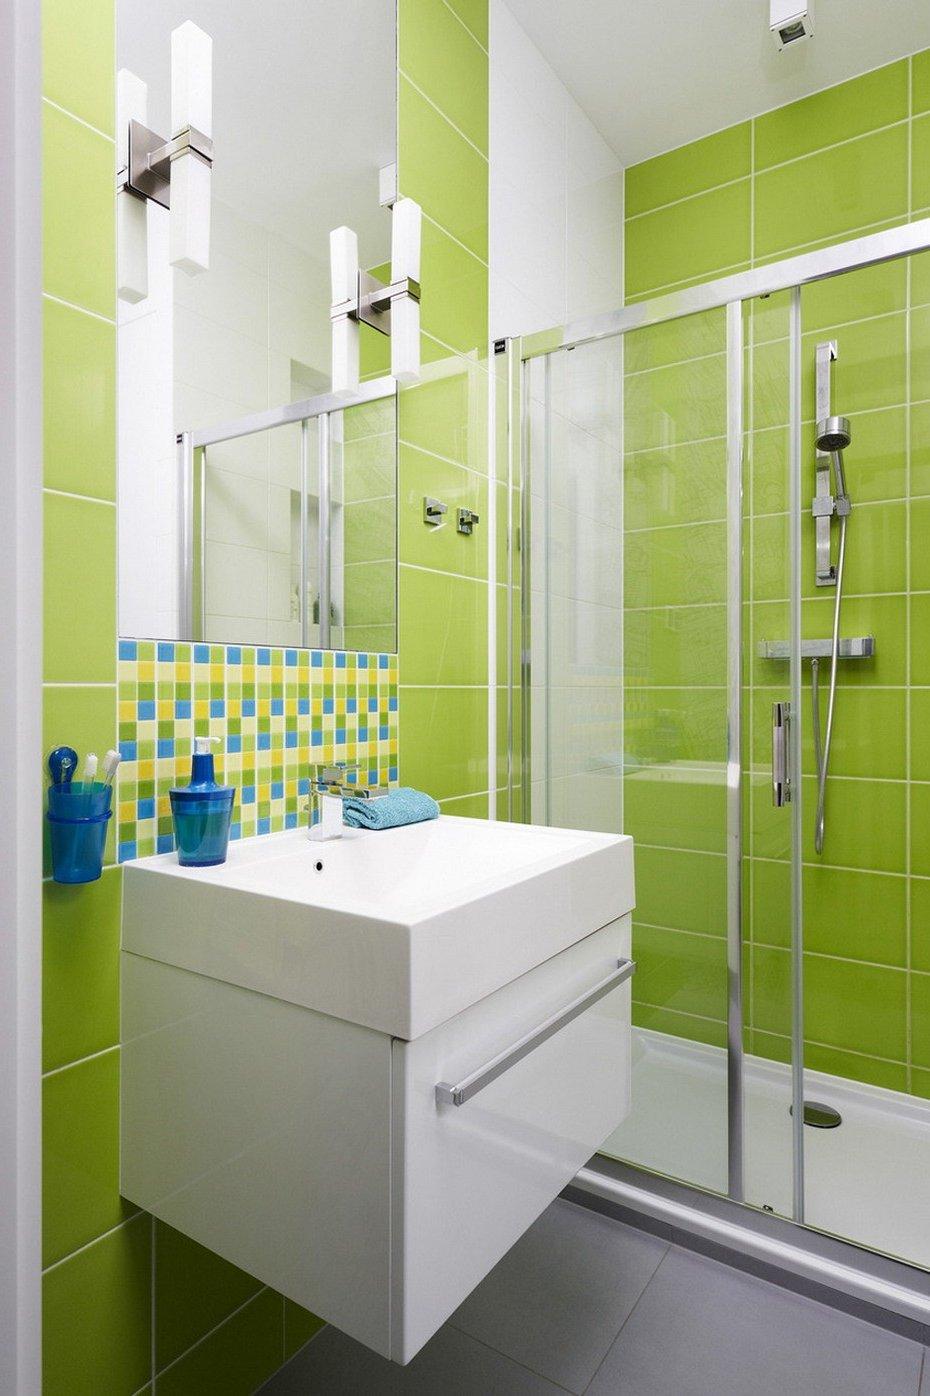 Салатово-белая плитка в современной ванной комнате